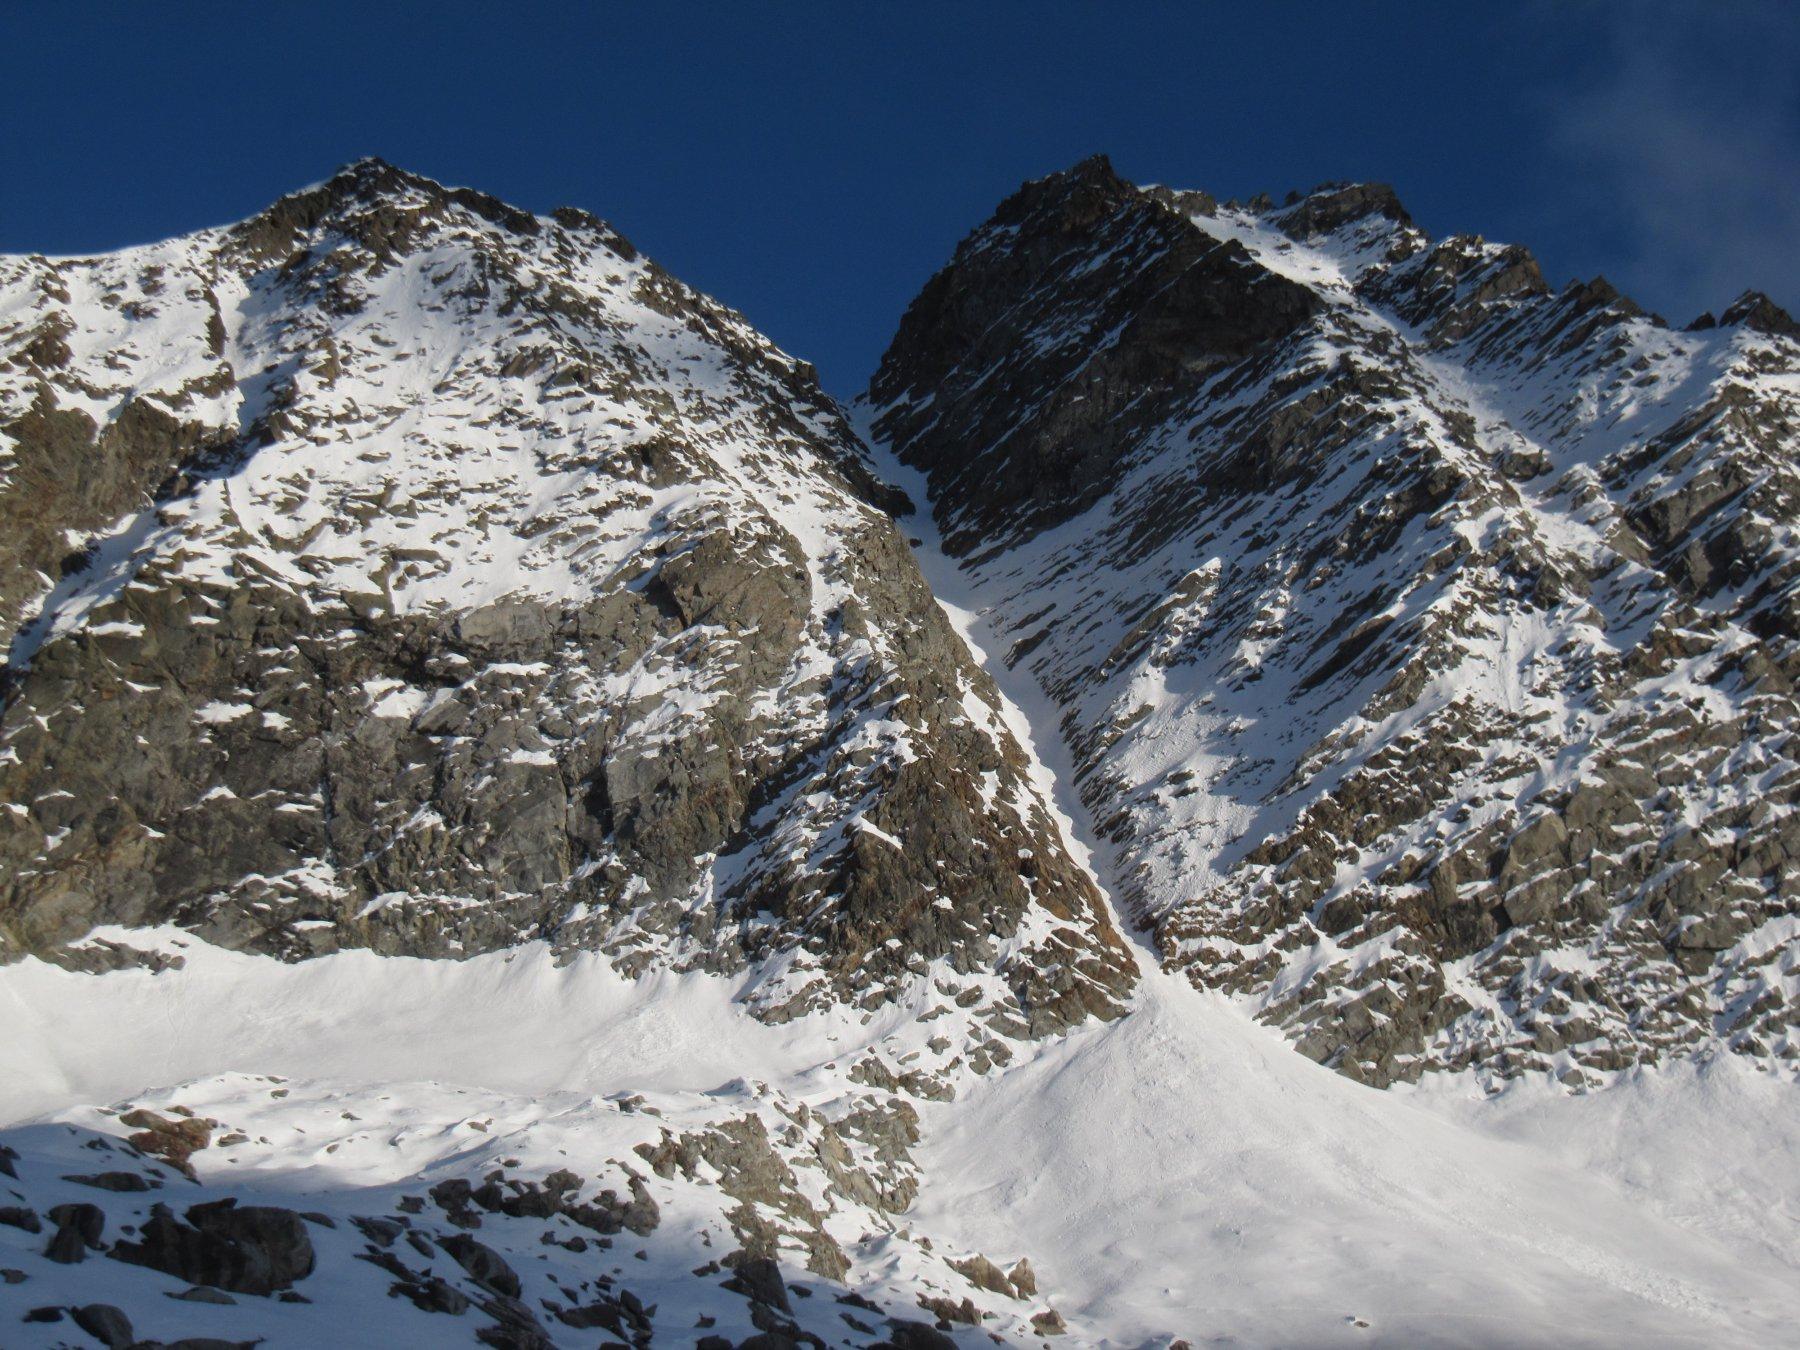 Il canalone ovest dal bacino glaciale di Lavina